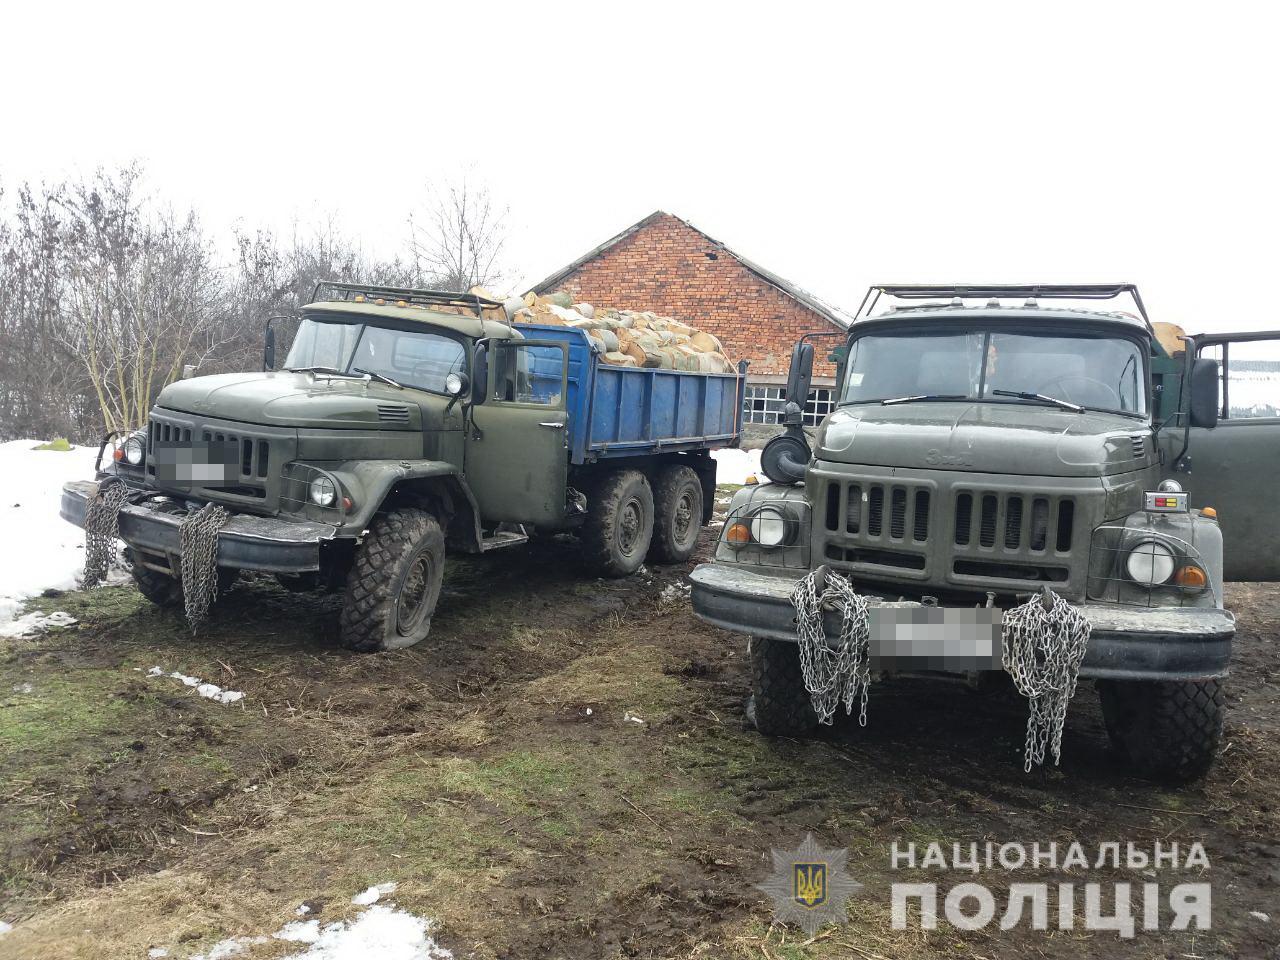 Збройний напад: у закарпатця відібрали два вантажні автомобілі